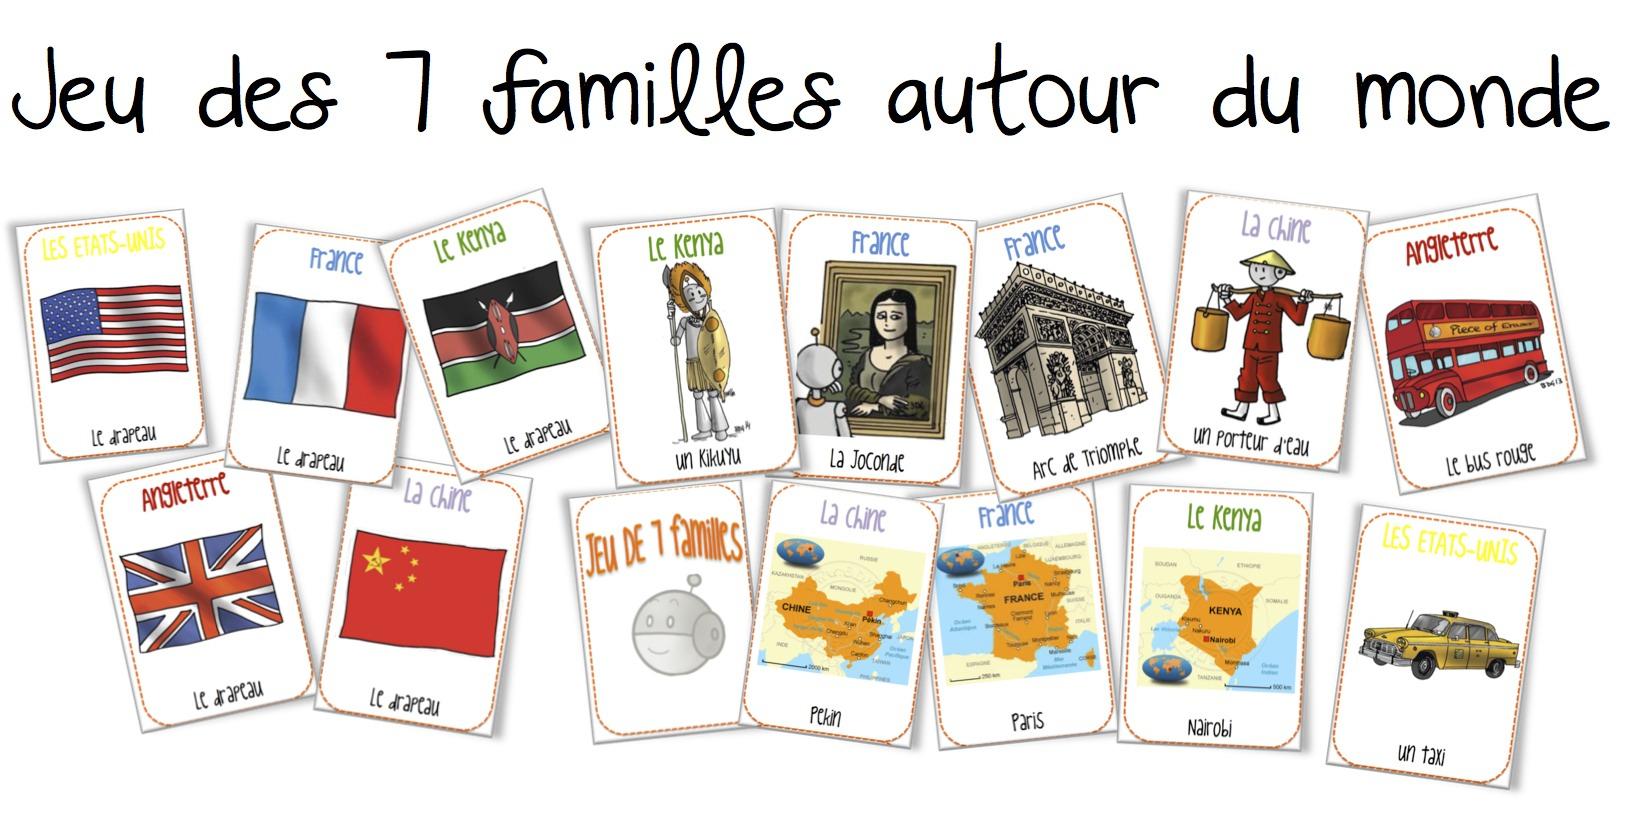 Printables Gratuits Pour Jouer Avec La Géographie - Nos Vies dedans Jeu Geographie France